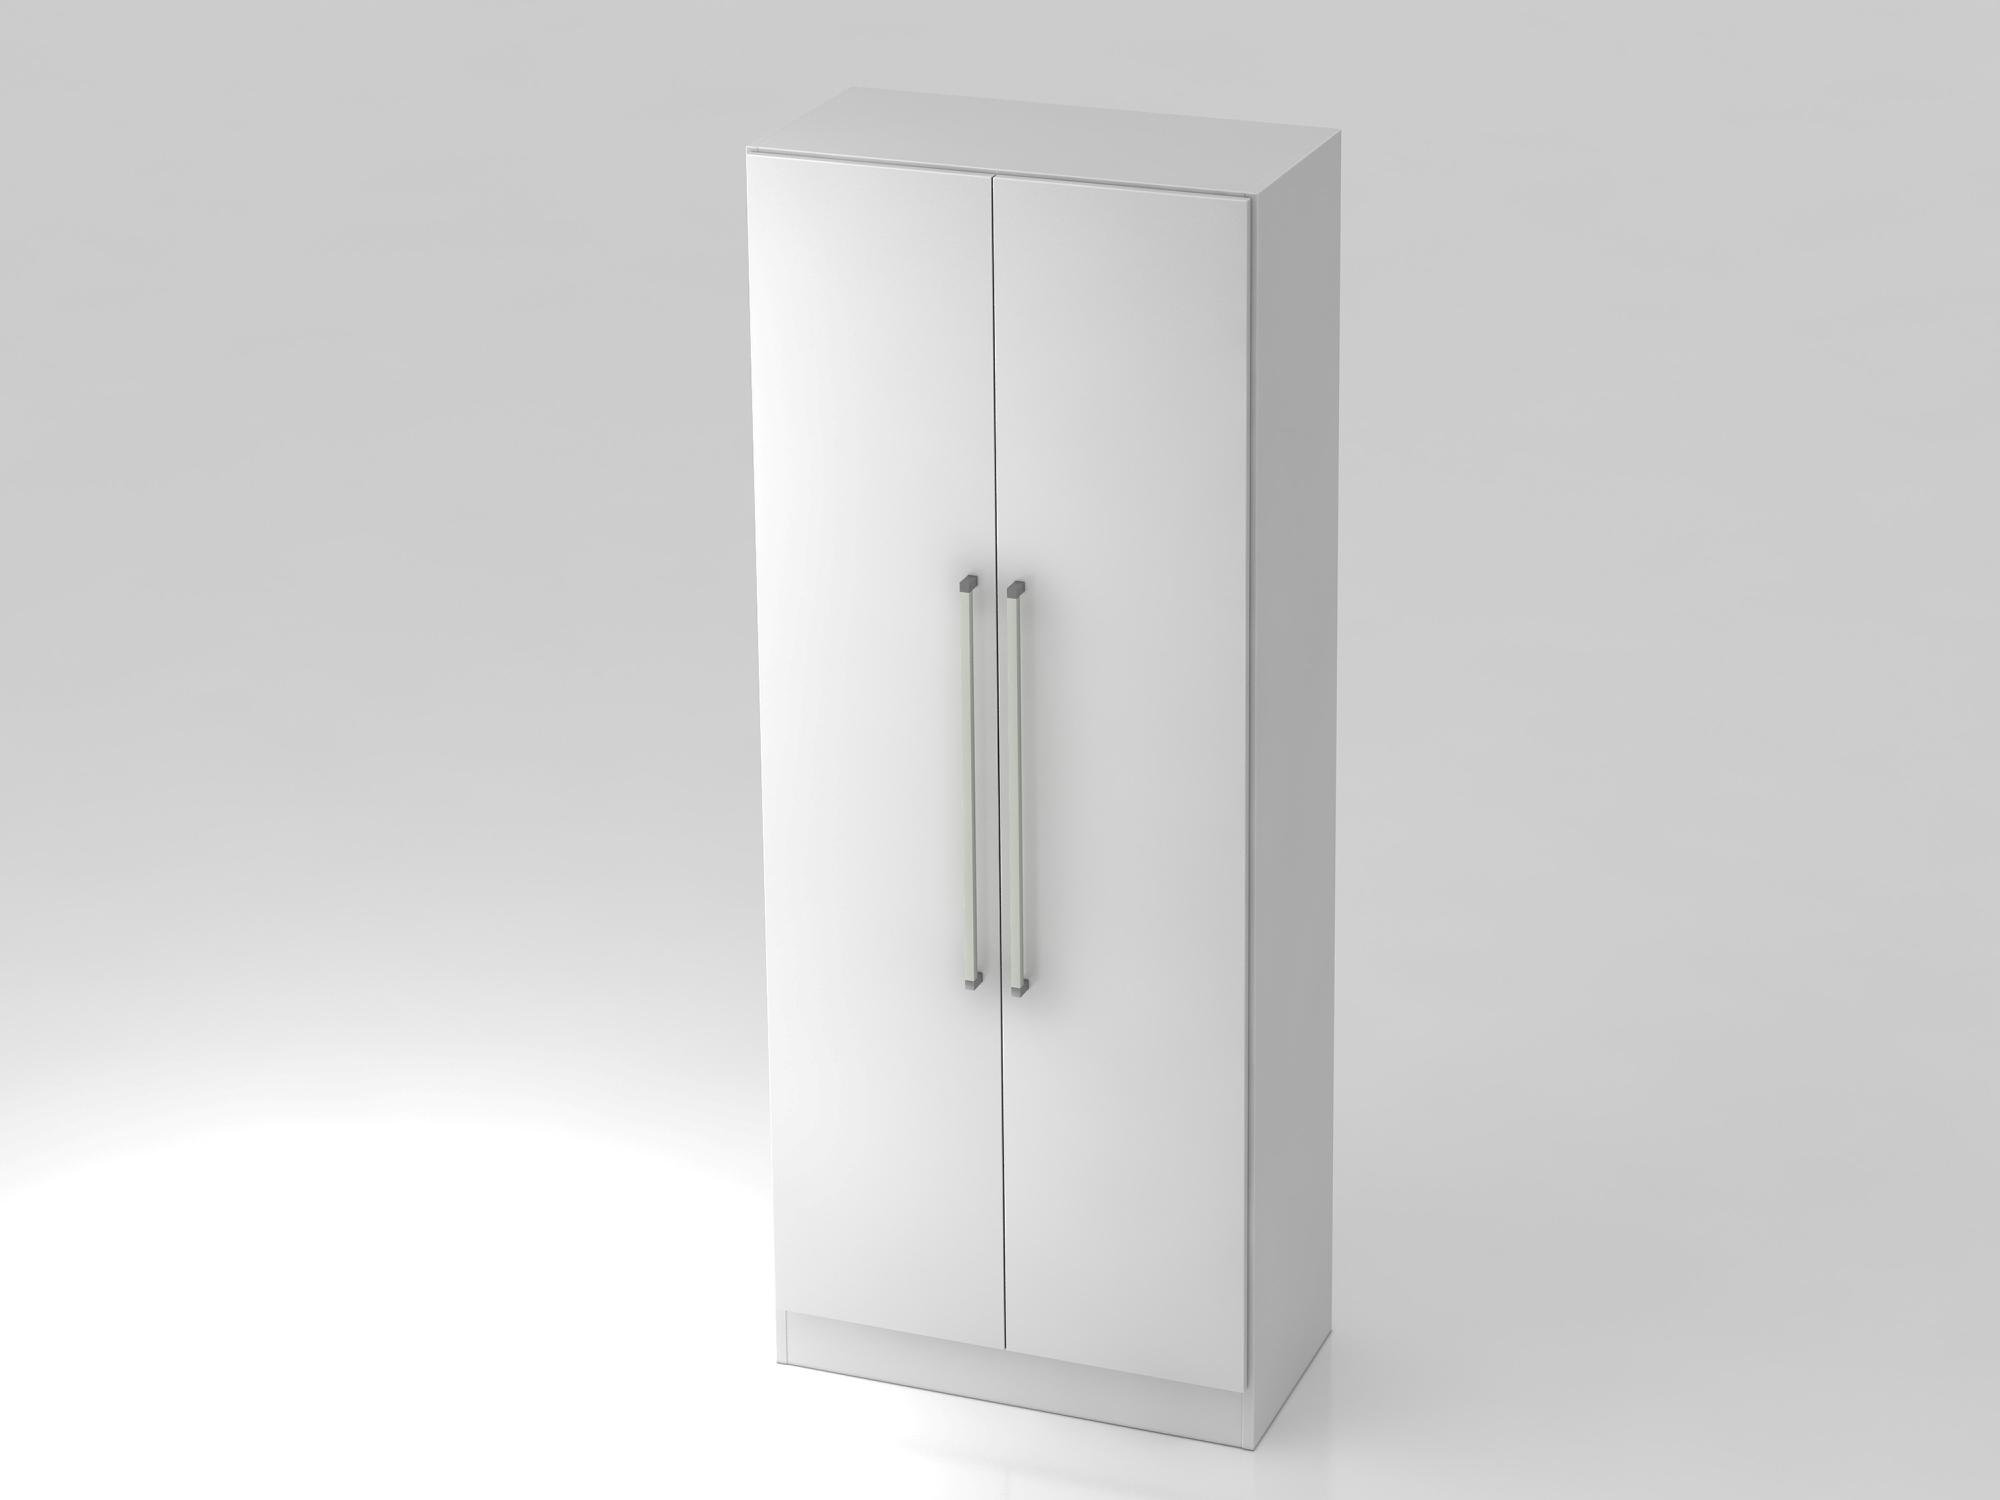 Garderobenschrank 5OH,SO-Bl. CE Weiß/Weiß